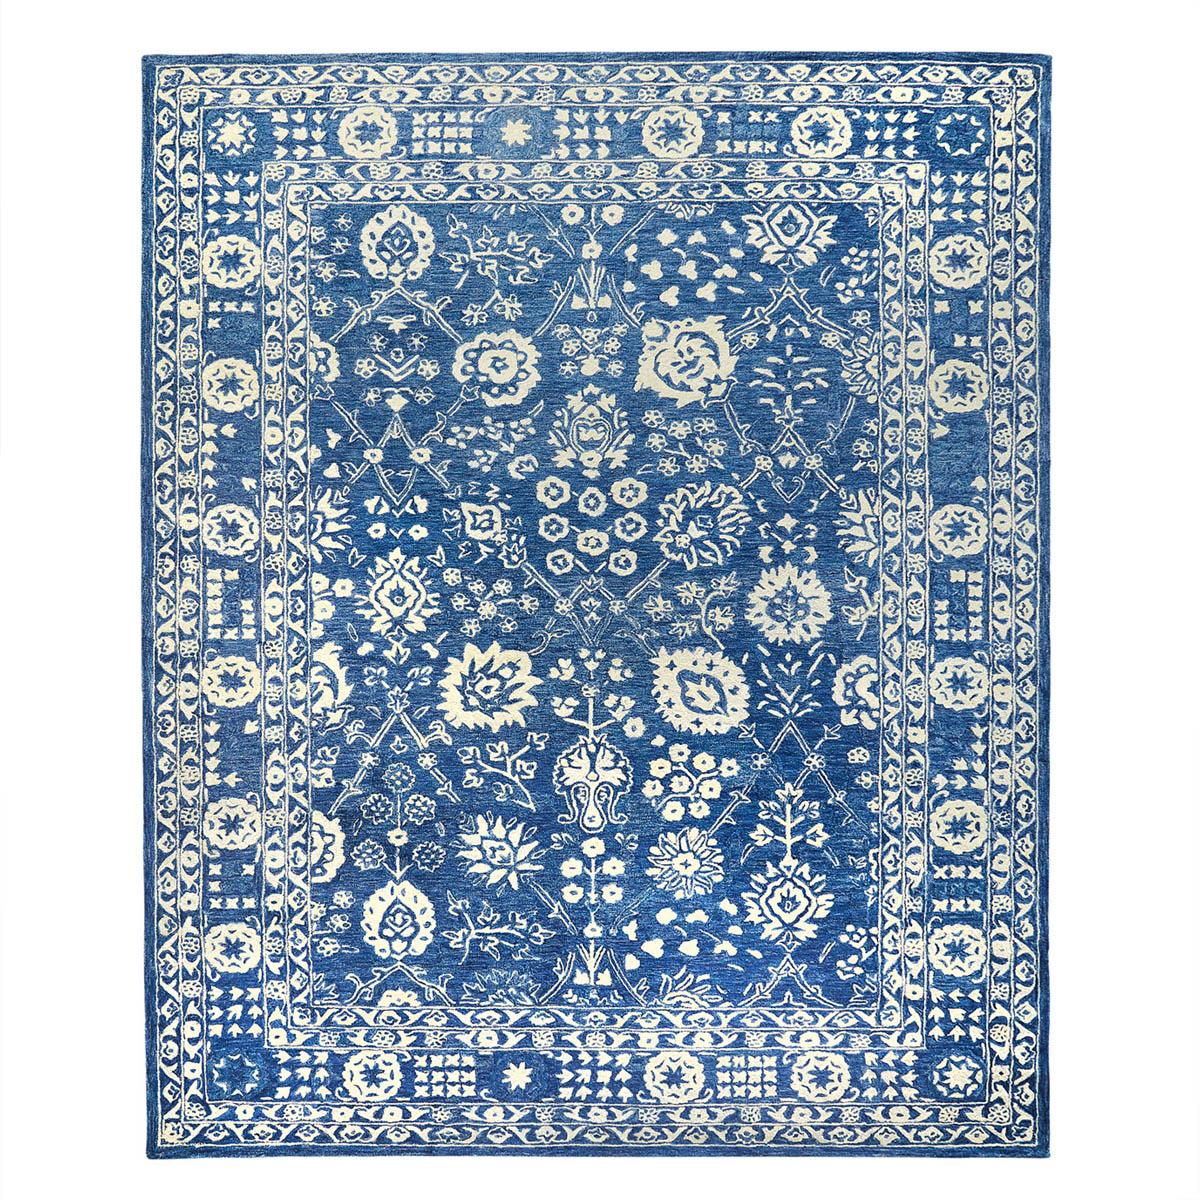 neimans blue and white rug.jpg